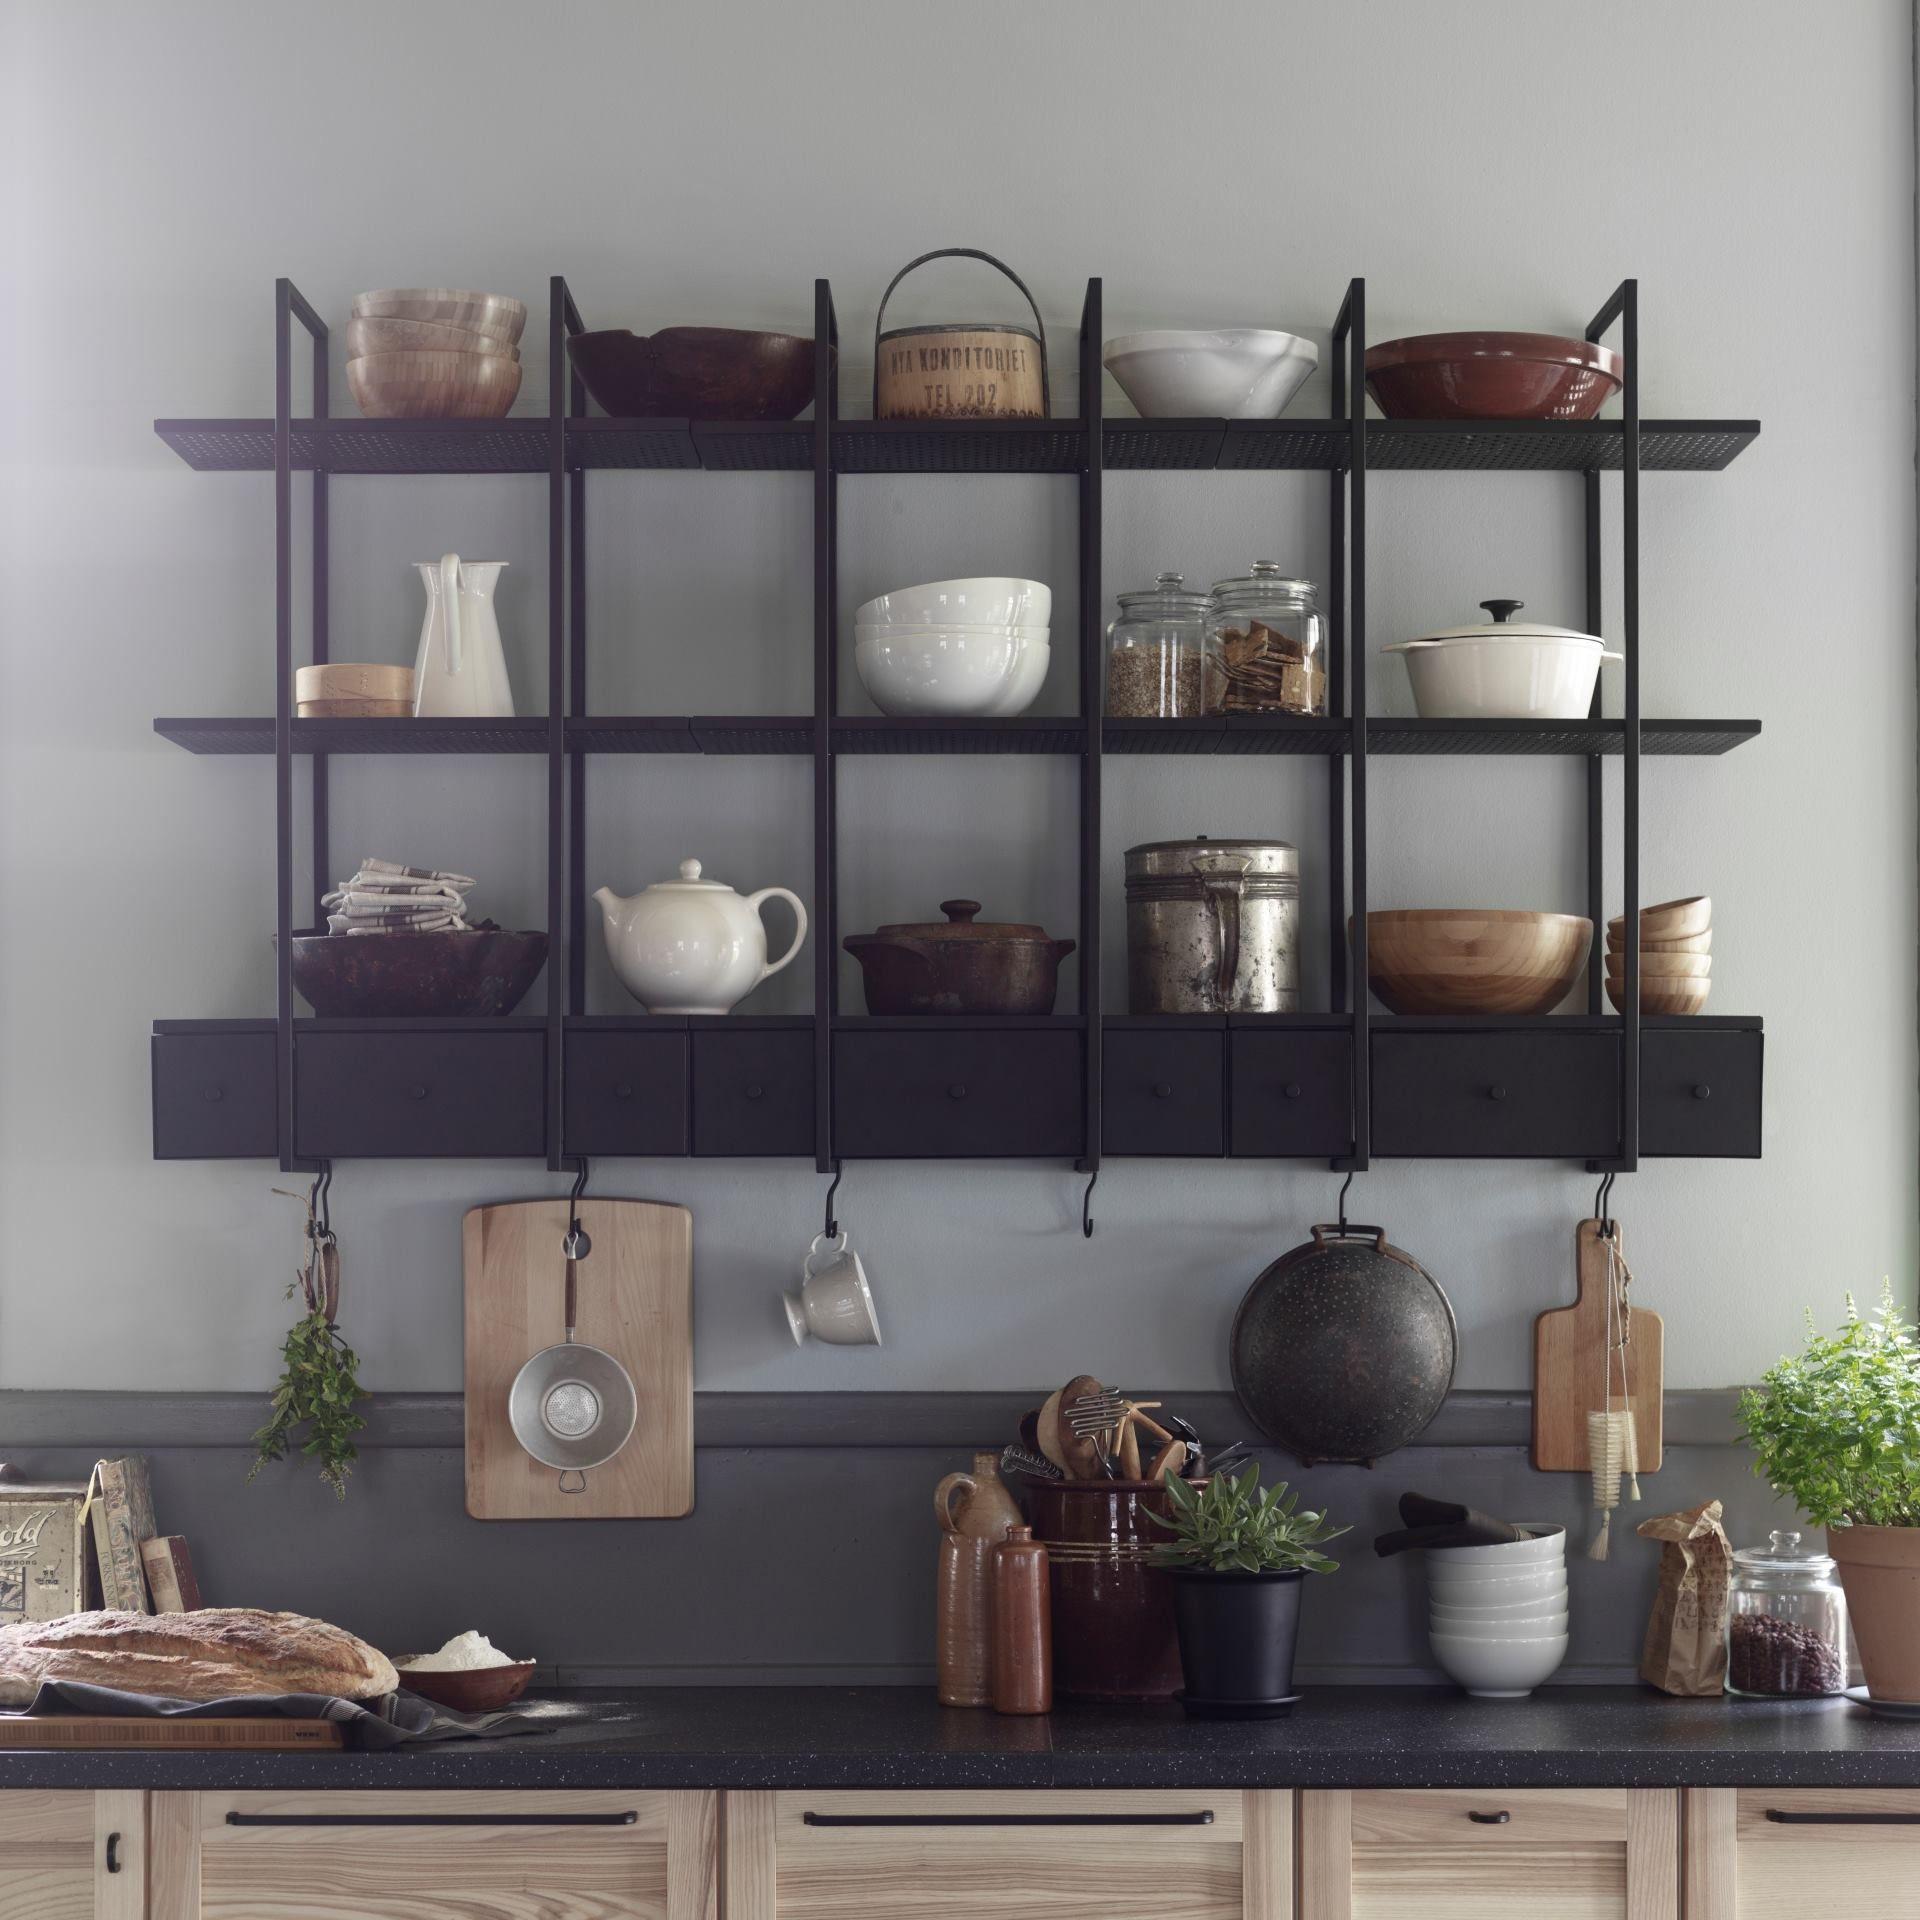 Ikea Falsterbo Cafe Kuchenwandregale Regal Kuche Und